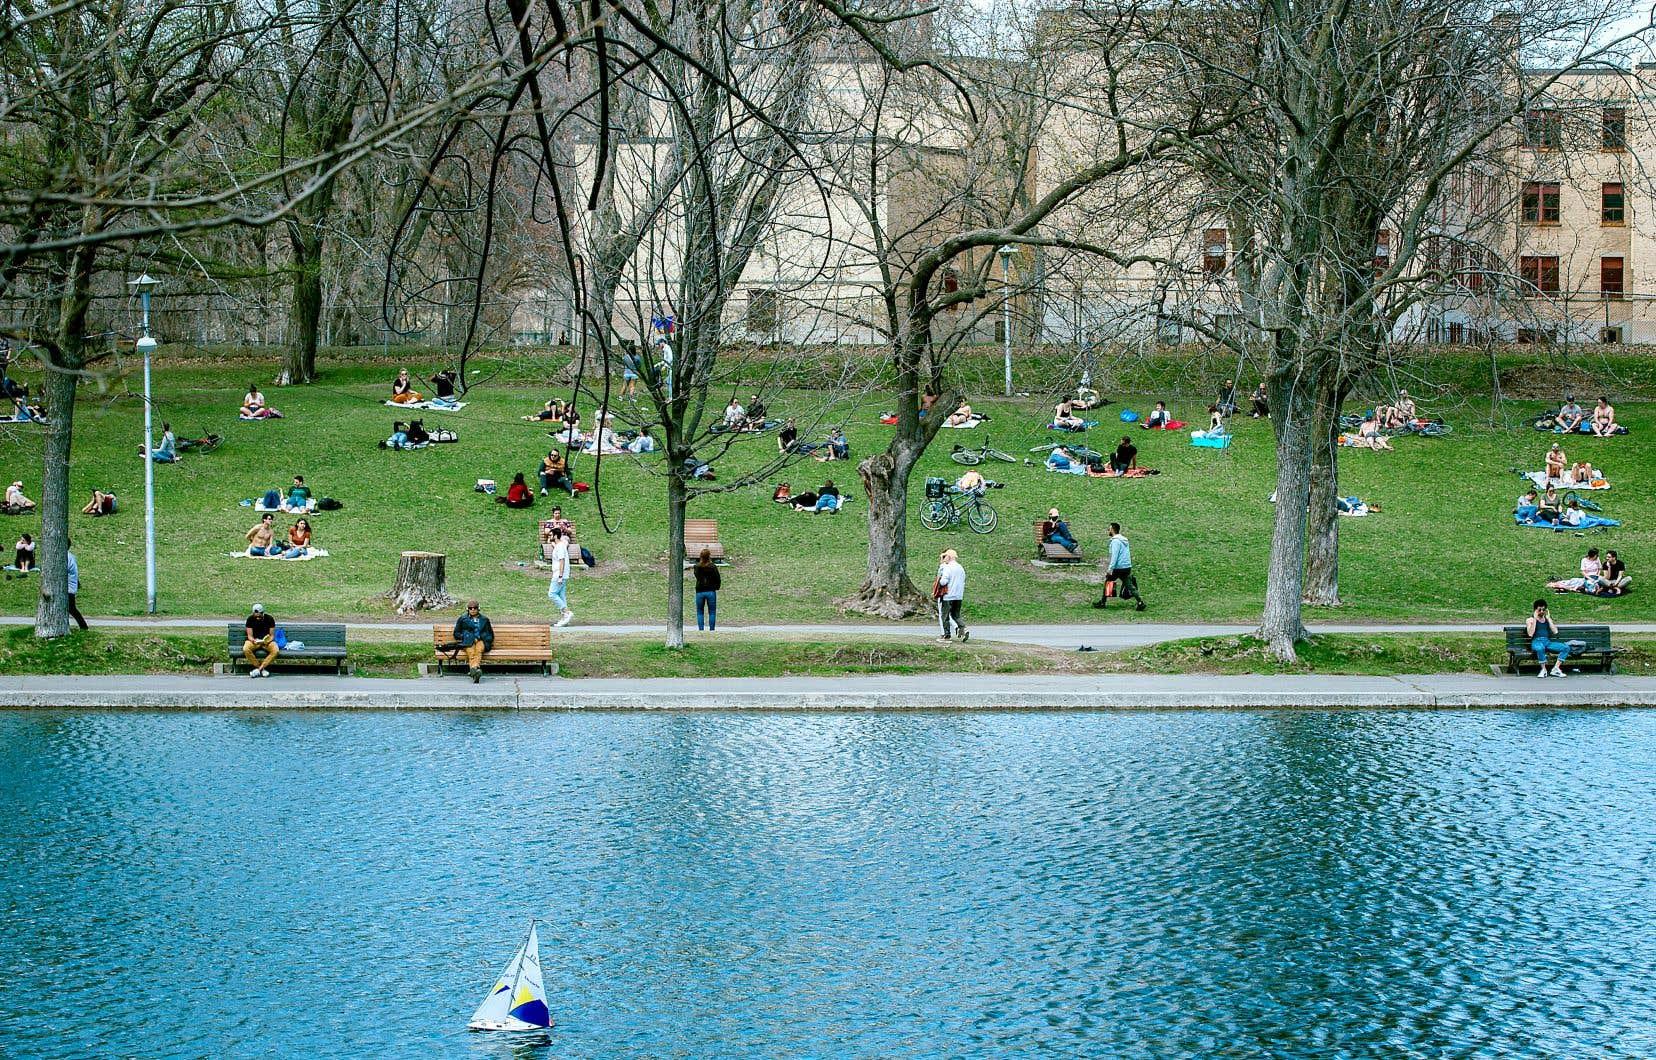 Plusieurs Montréalais ont décidé de profiter du beau temps dimanche au parc La Fontaine, tout en s'efforçant de respecter les mesures de distanciation physique.